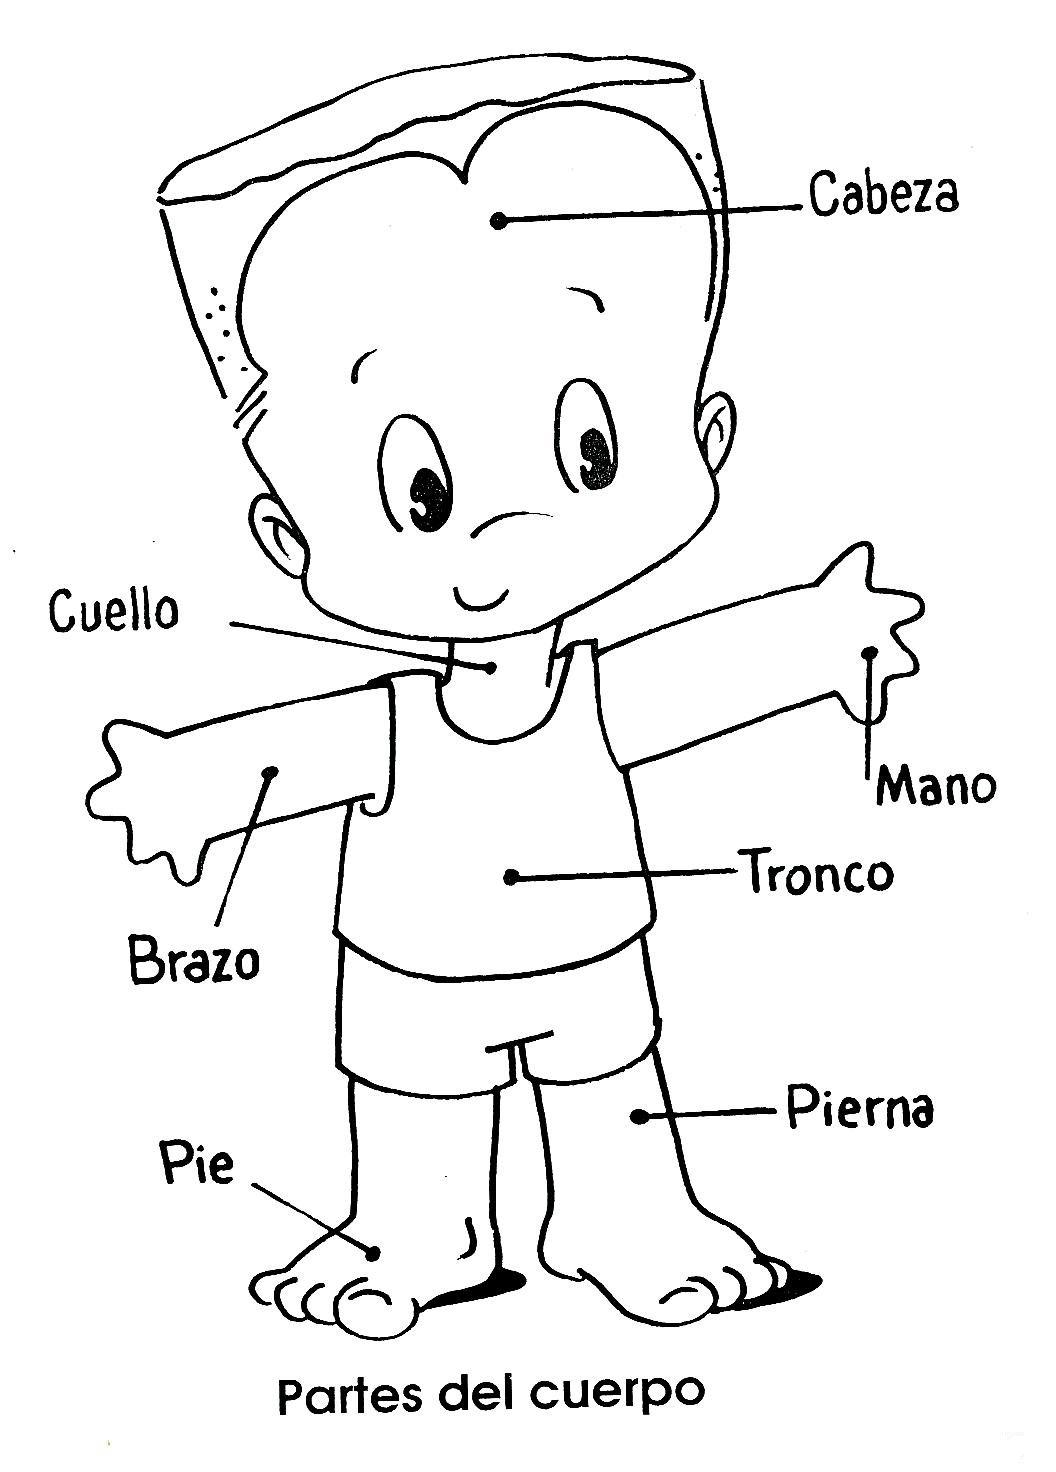 Dibujos de cuerpos de niños para colorear - Imagui